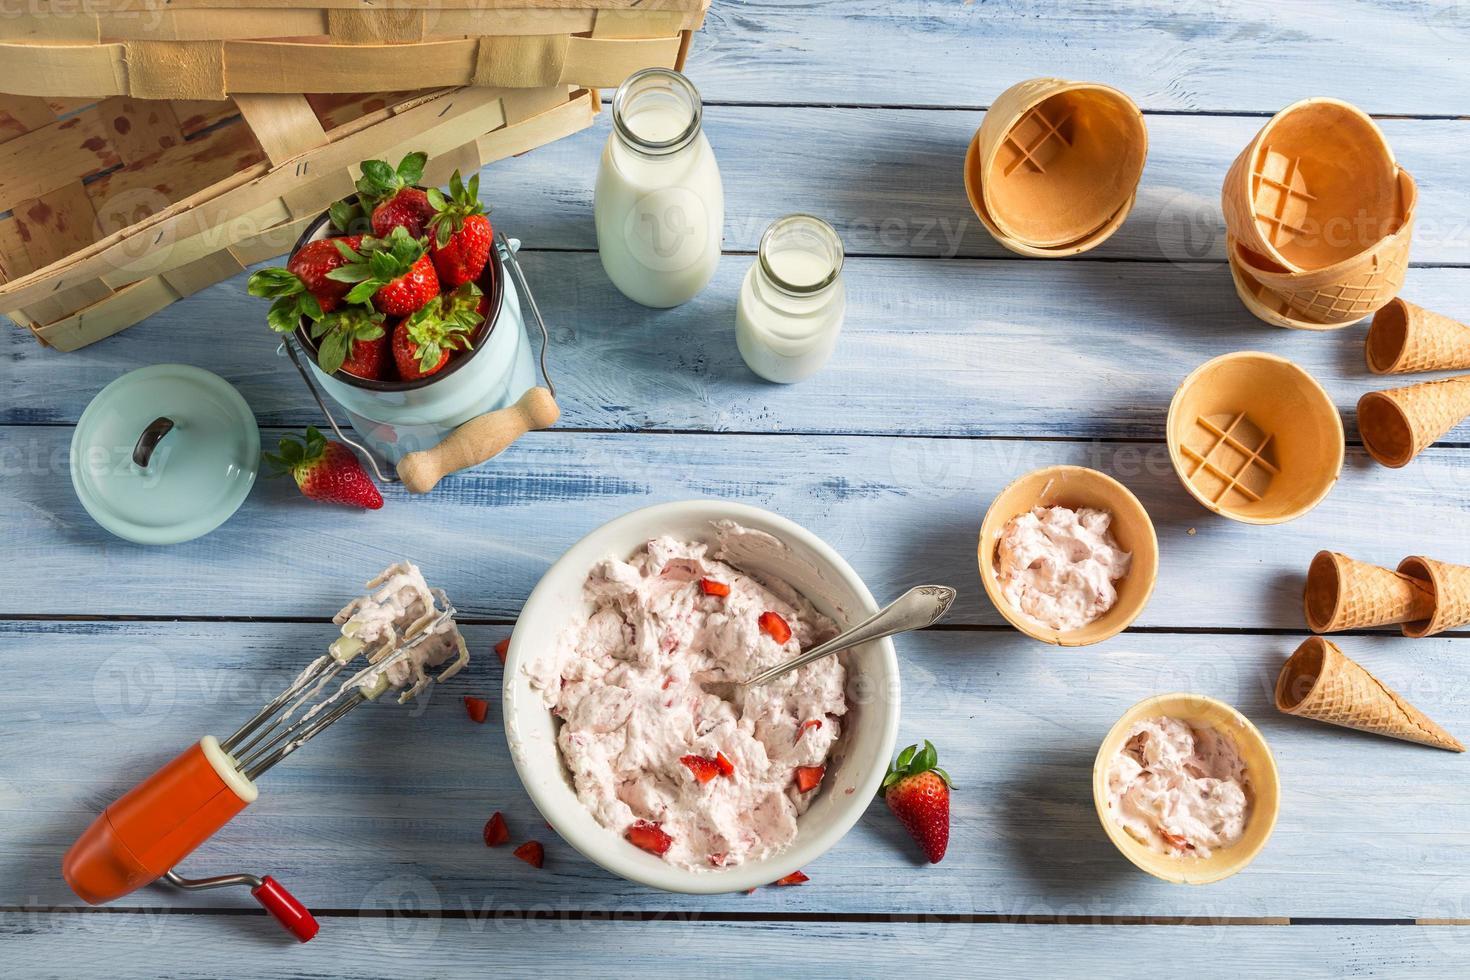 ligne de production maison de crème glacée aux fraises photo